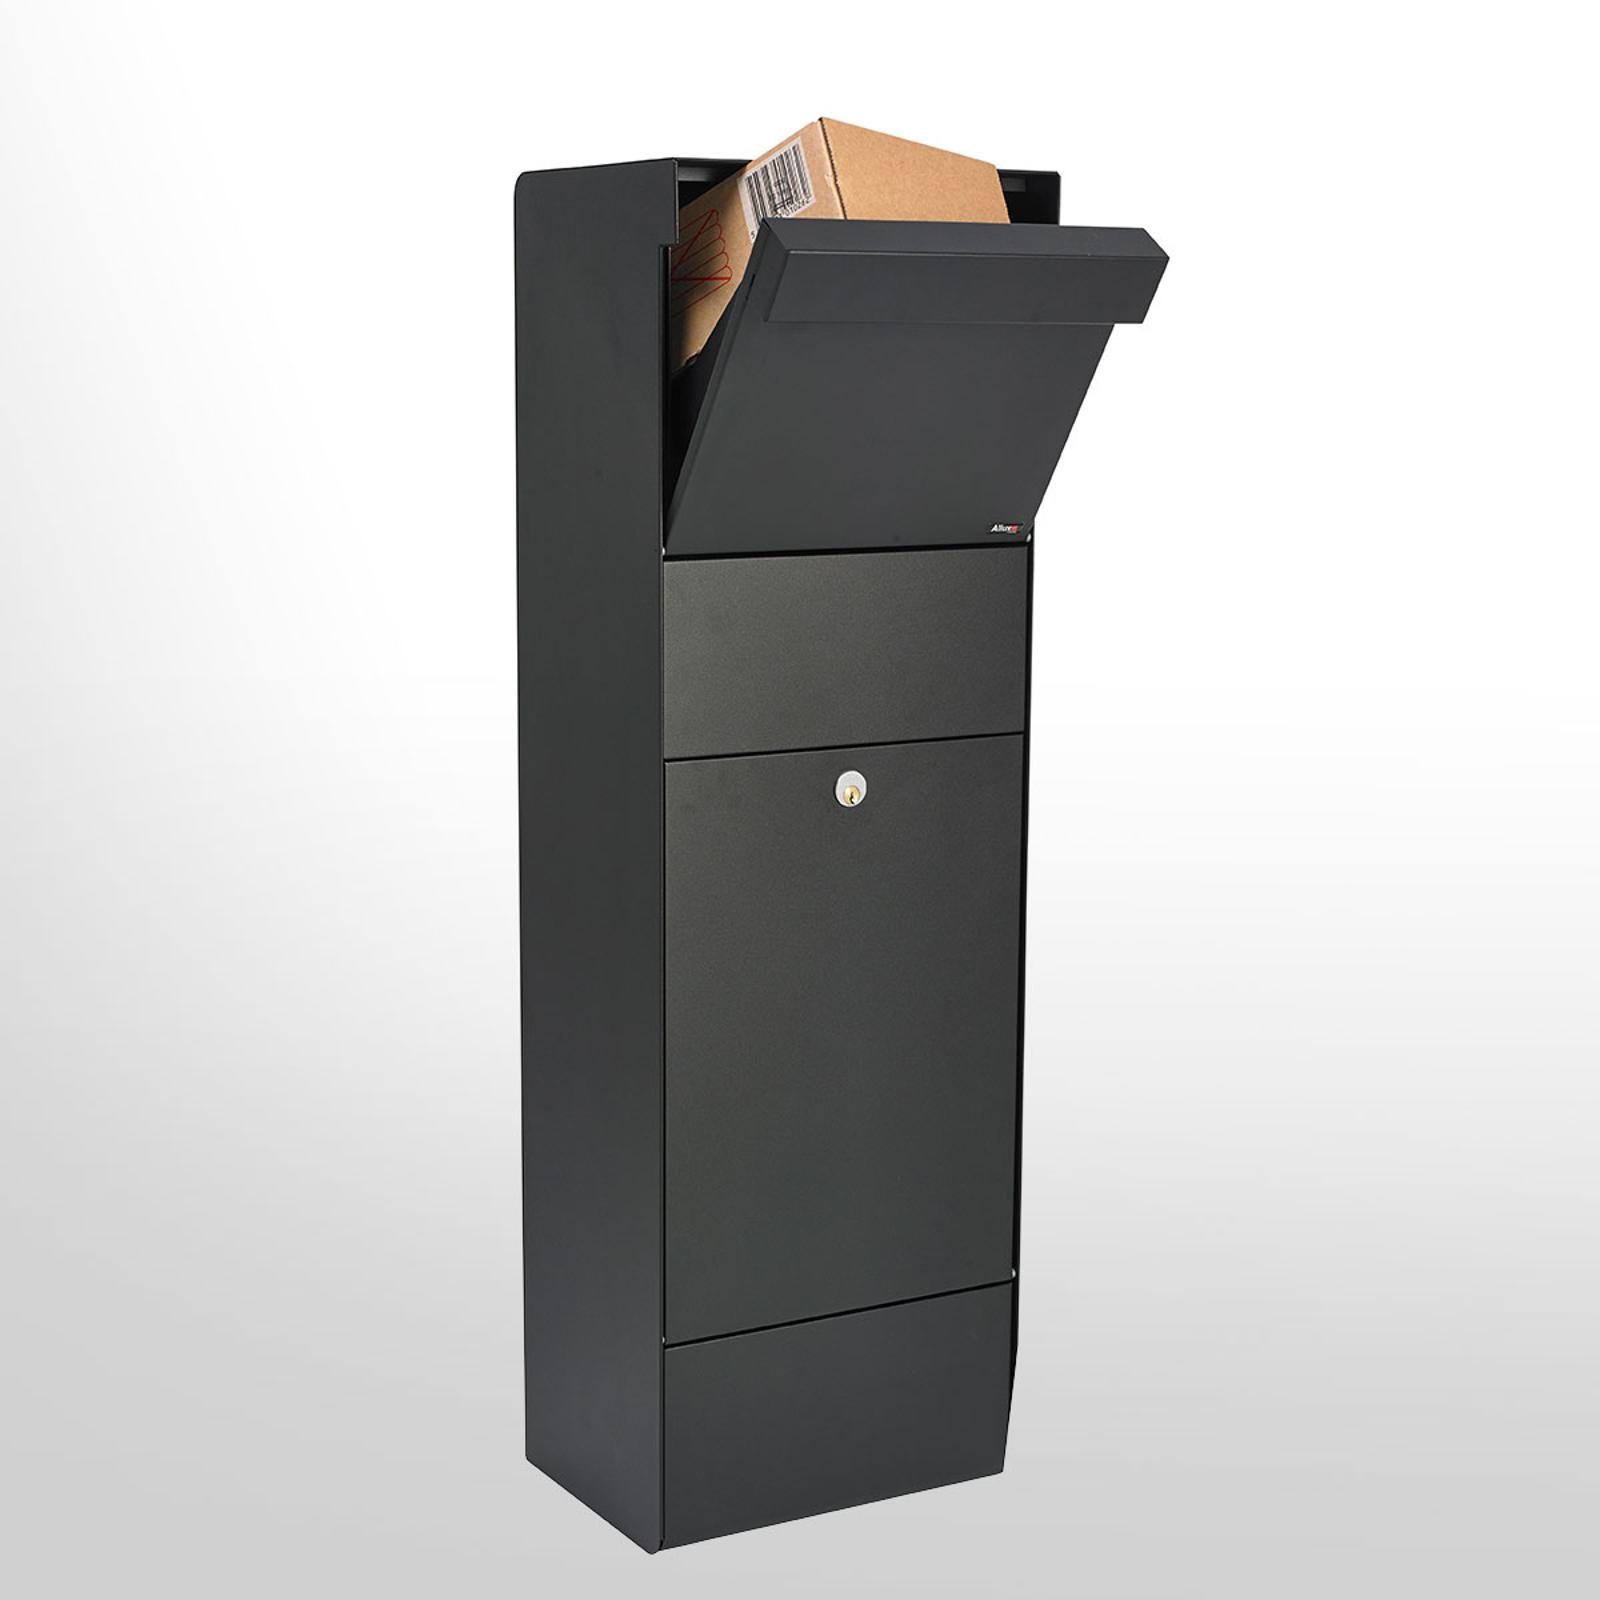 Prostorná balíková schránka základní tvar Parcel